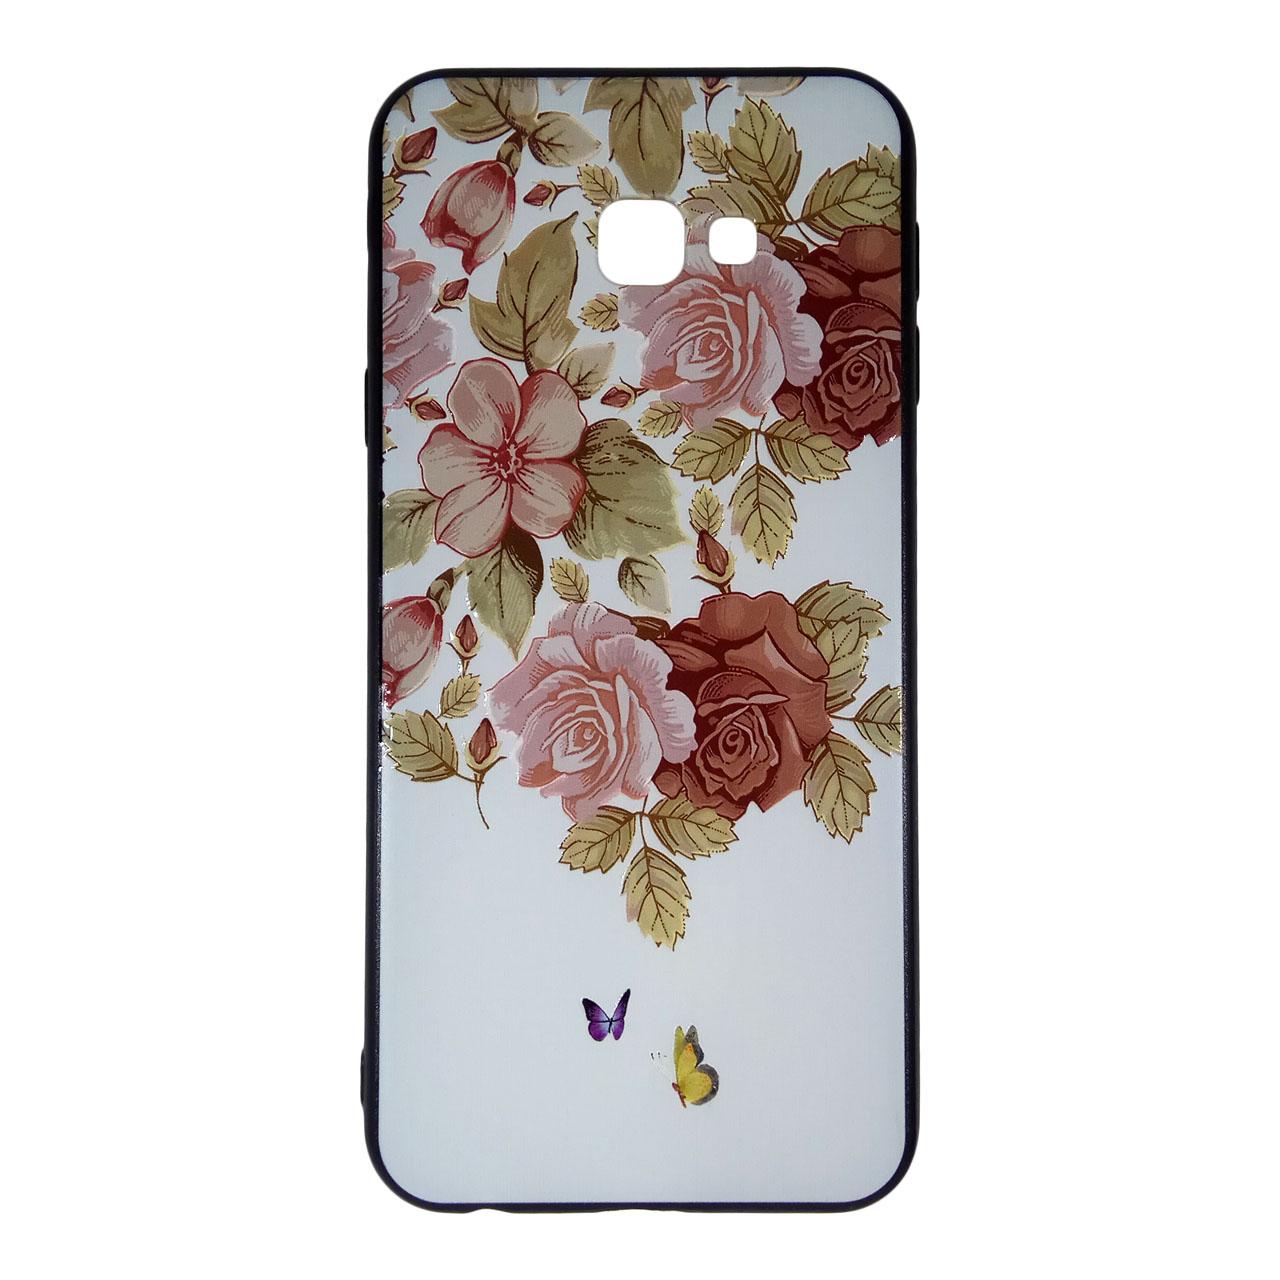 کاور آی پفت طرح گل کد B09 مناسب برای گوشی موبایل سامسونگ Galaxy J4 Plus / J4 Core